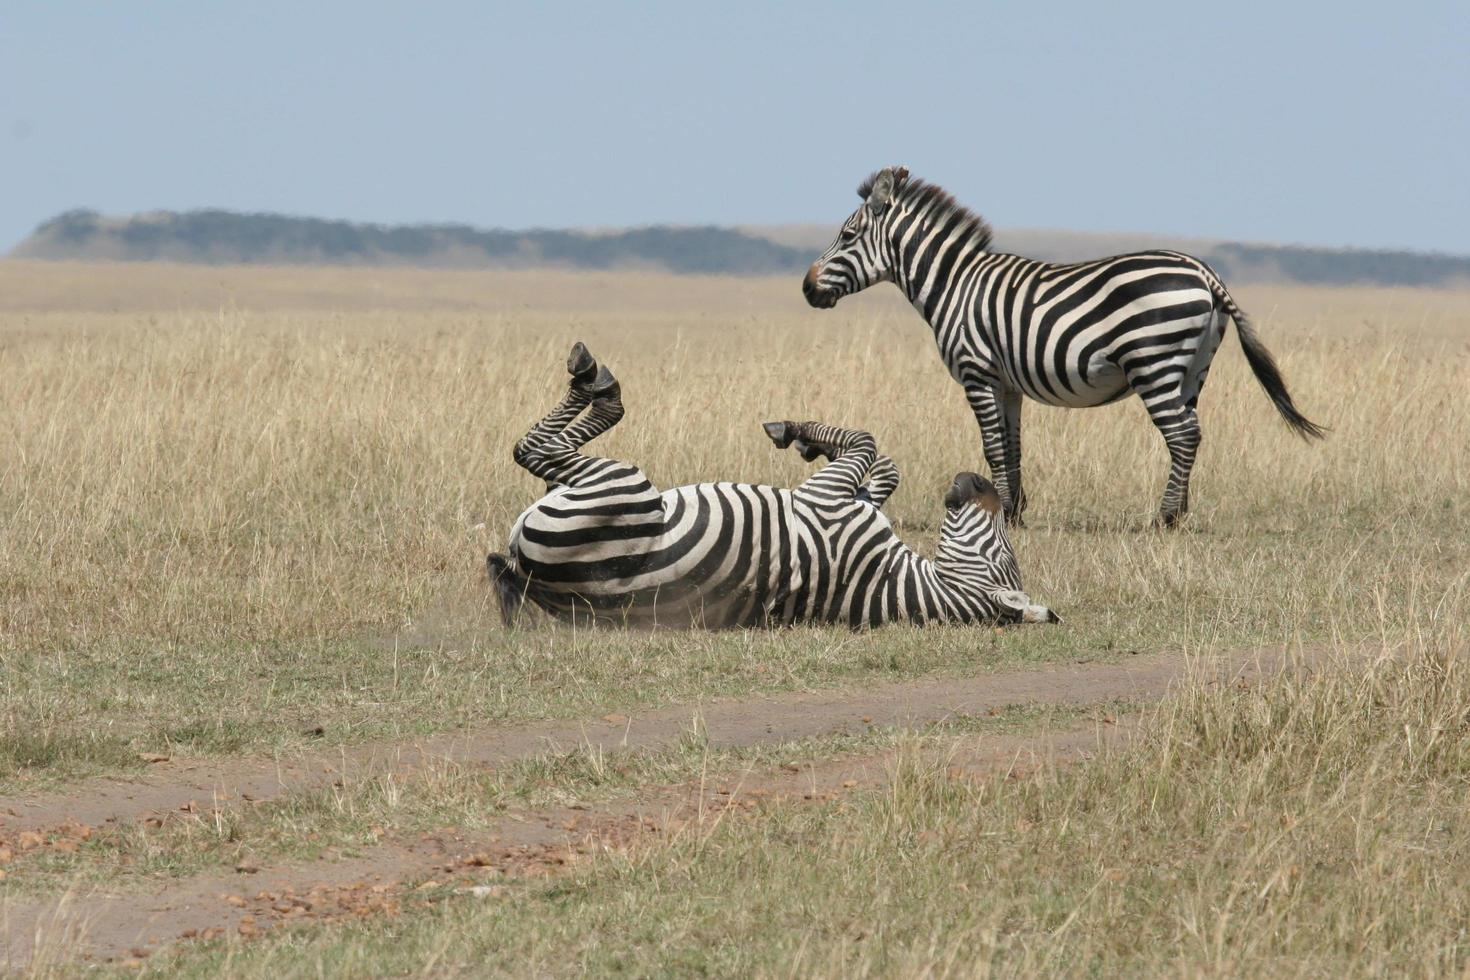 deux zèbres dans la faune photo